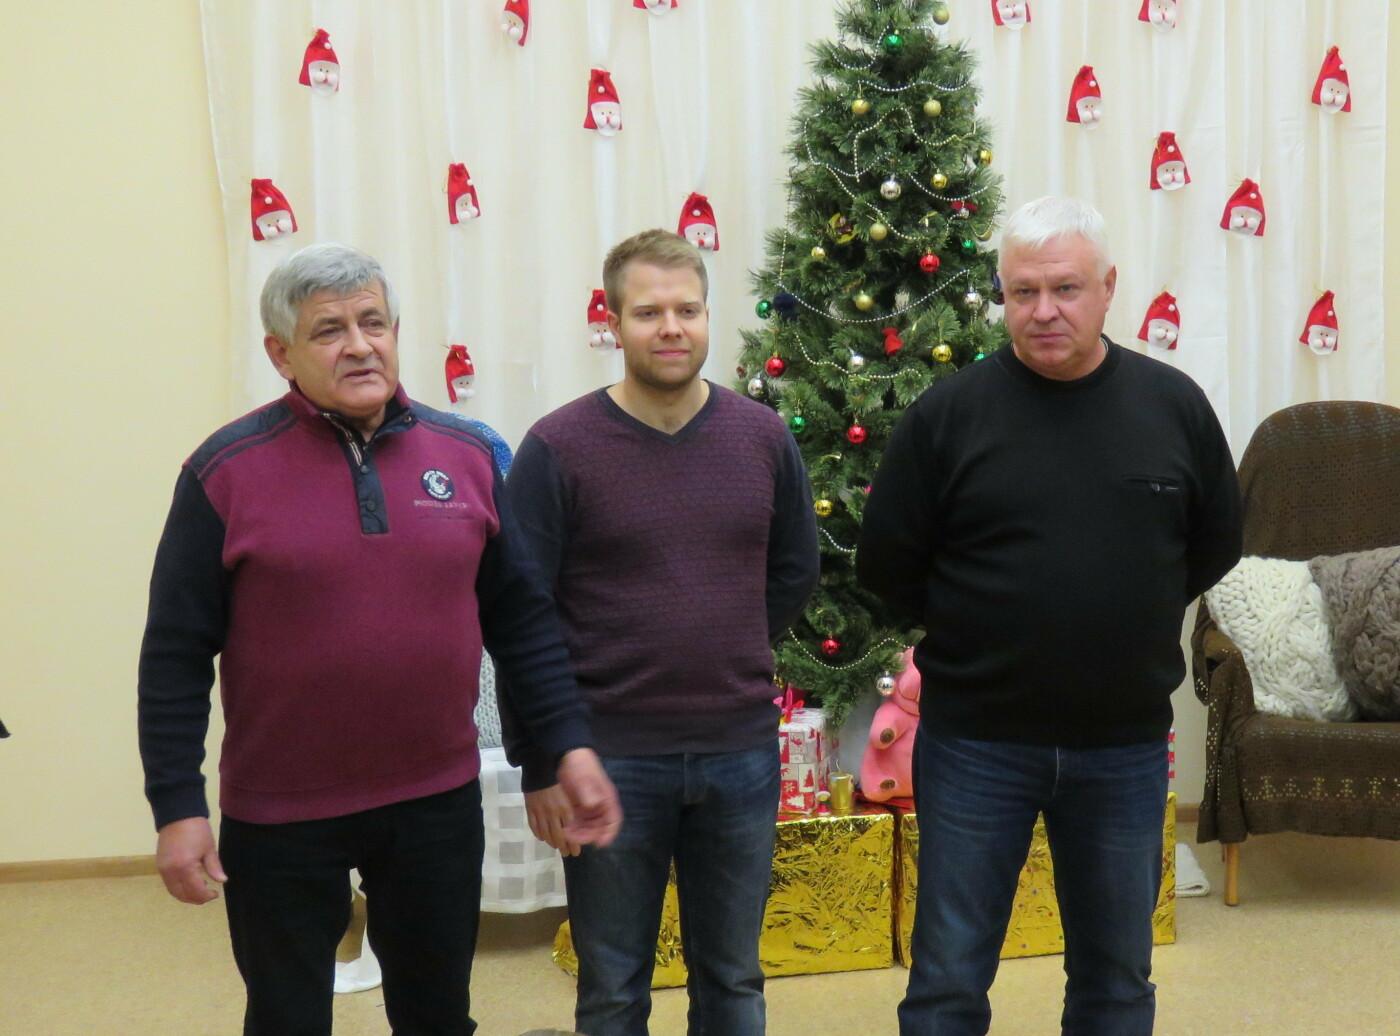 Німецькі благодійники подарували дітям Білої Церкви понад тисячу різдвяних подарунків, фото-7